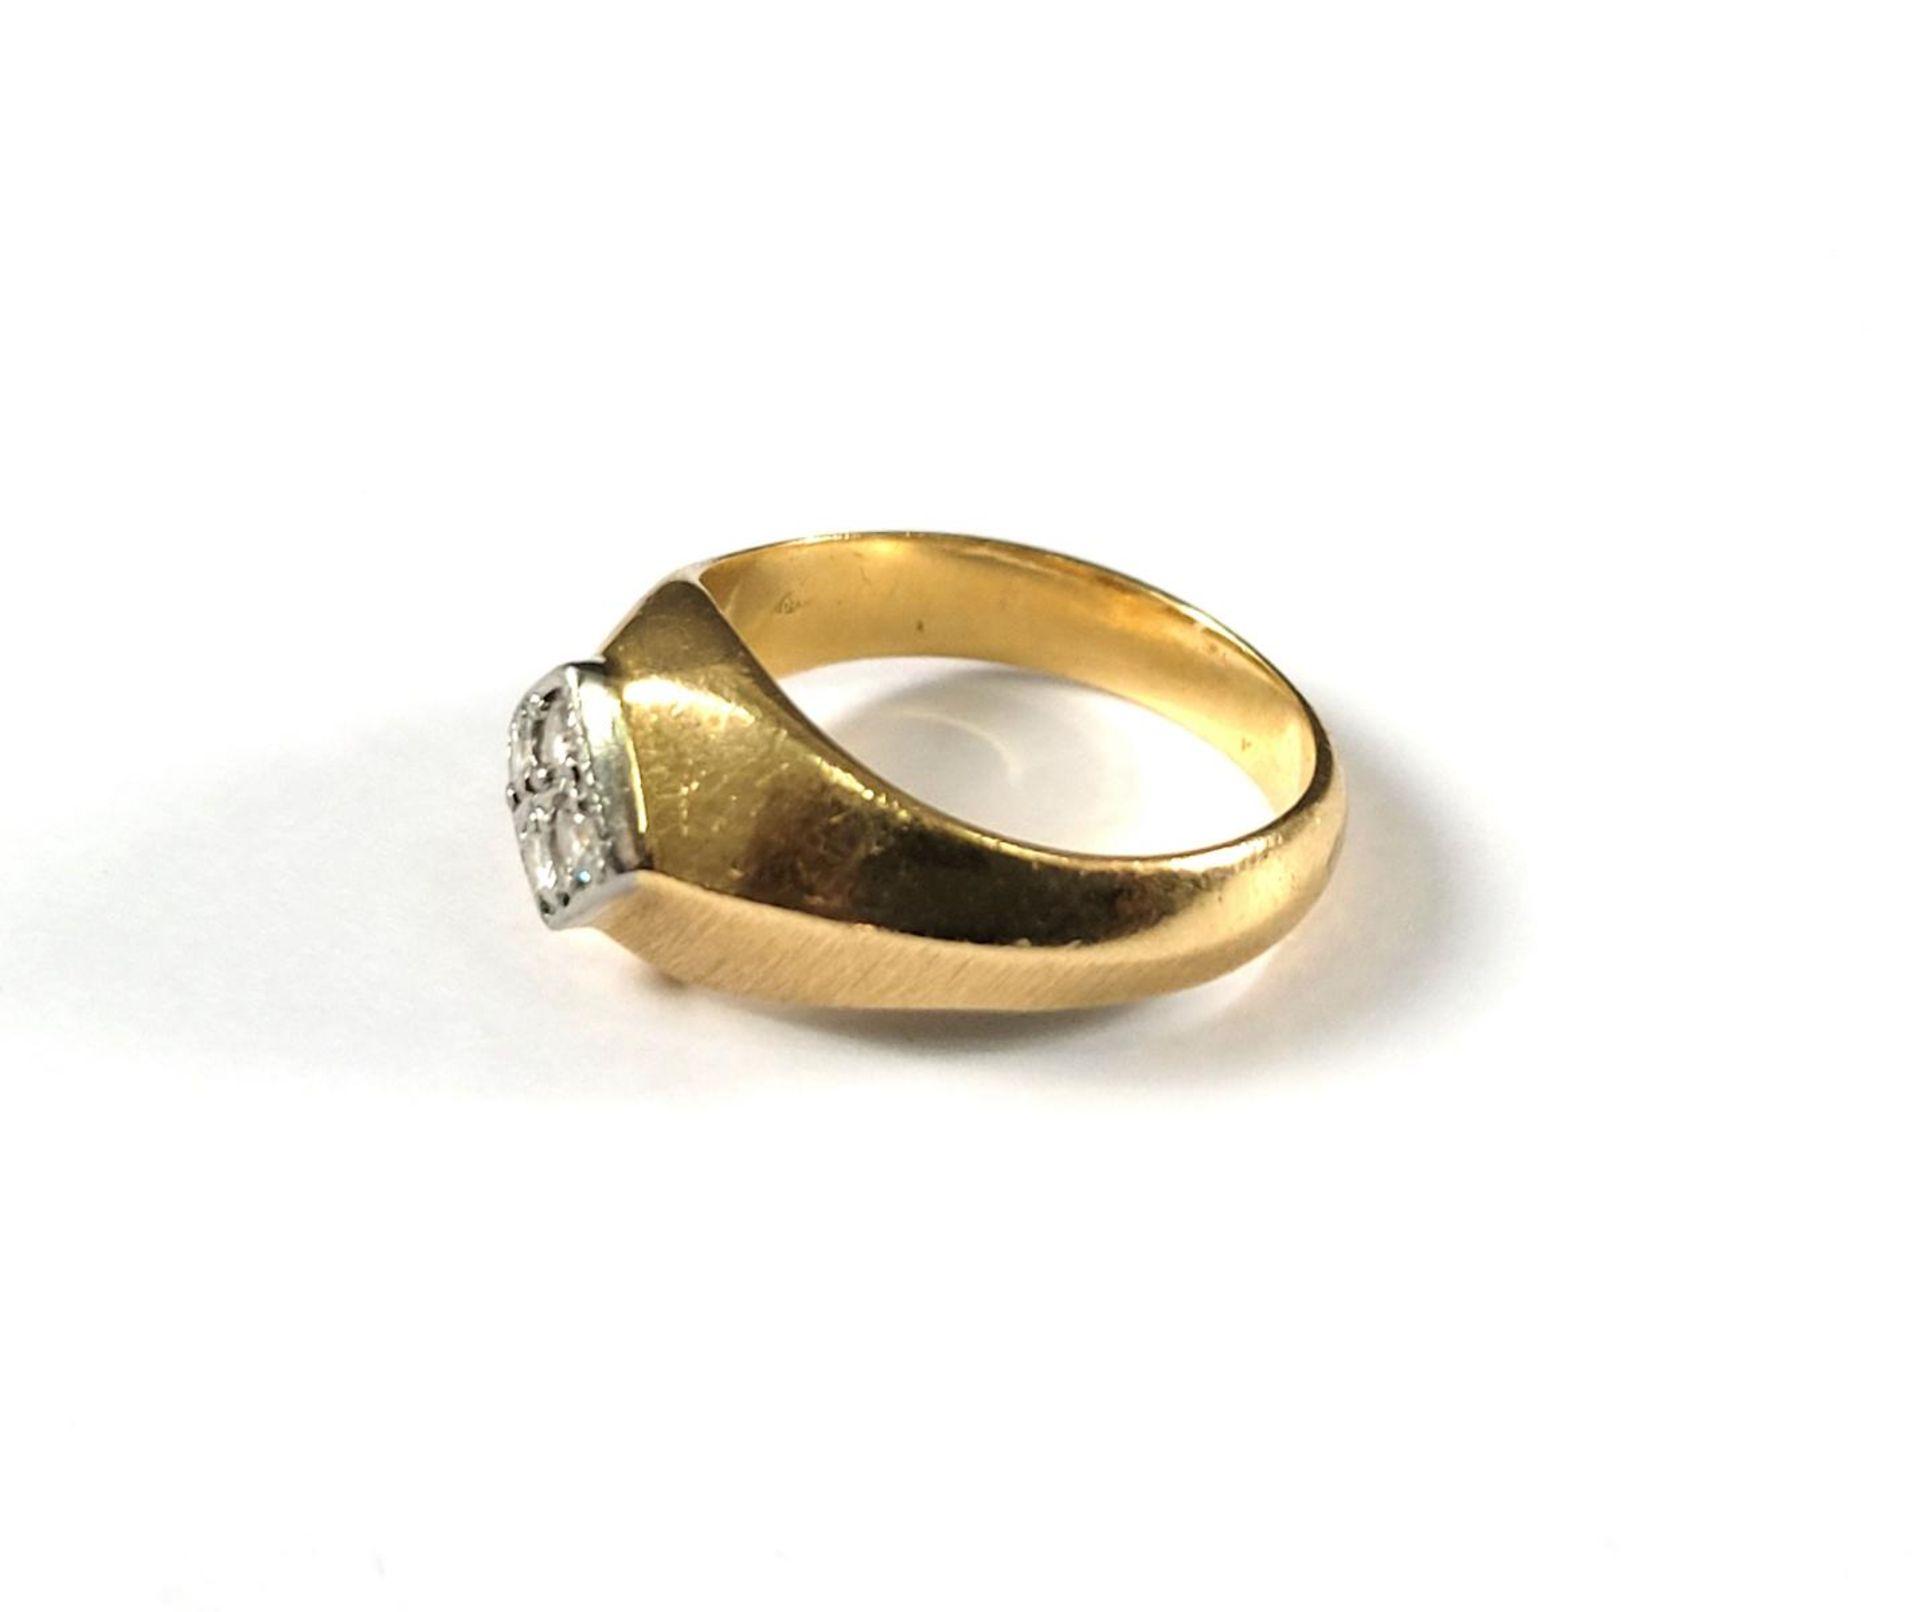 Damenring mit Diamanten, 18 Karat Gelbgold - Bild 4 aus 4